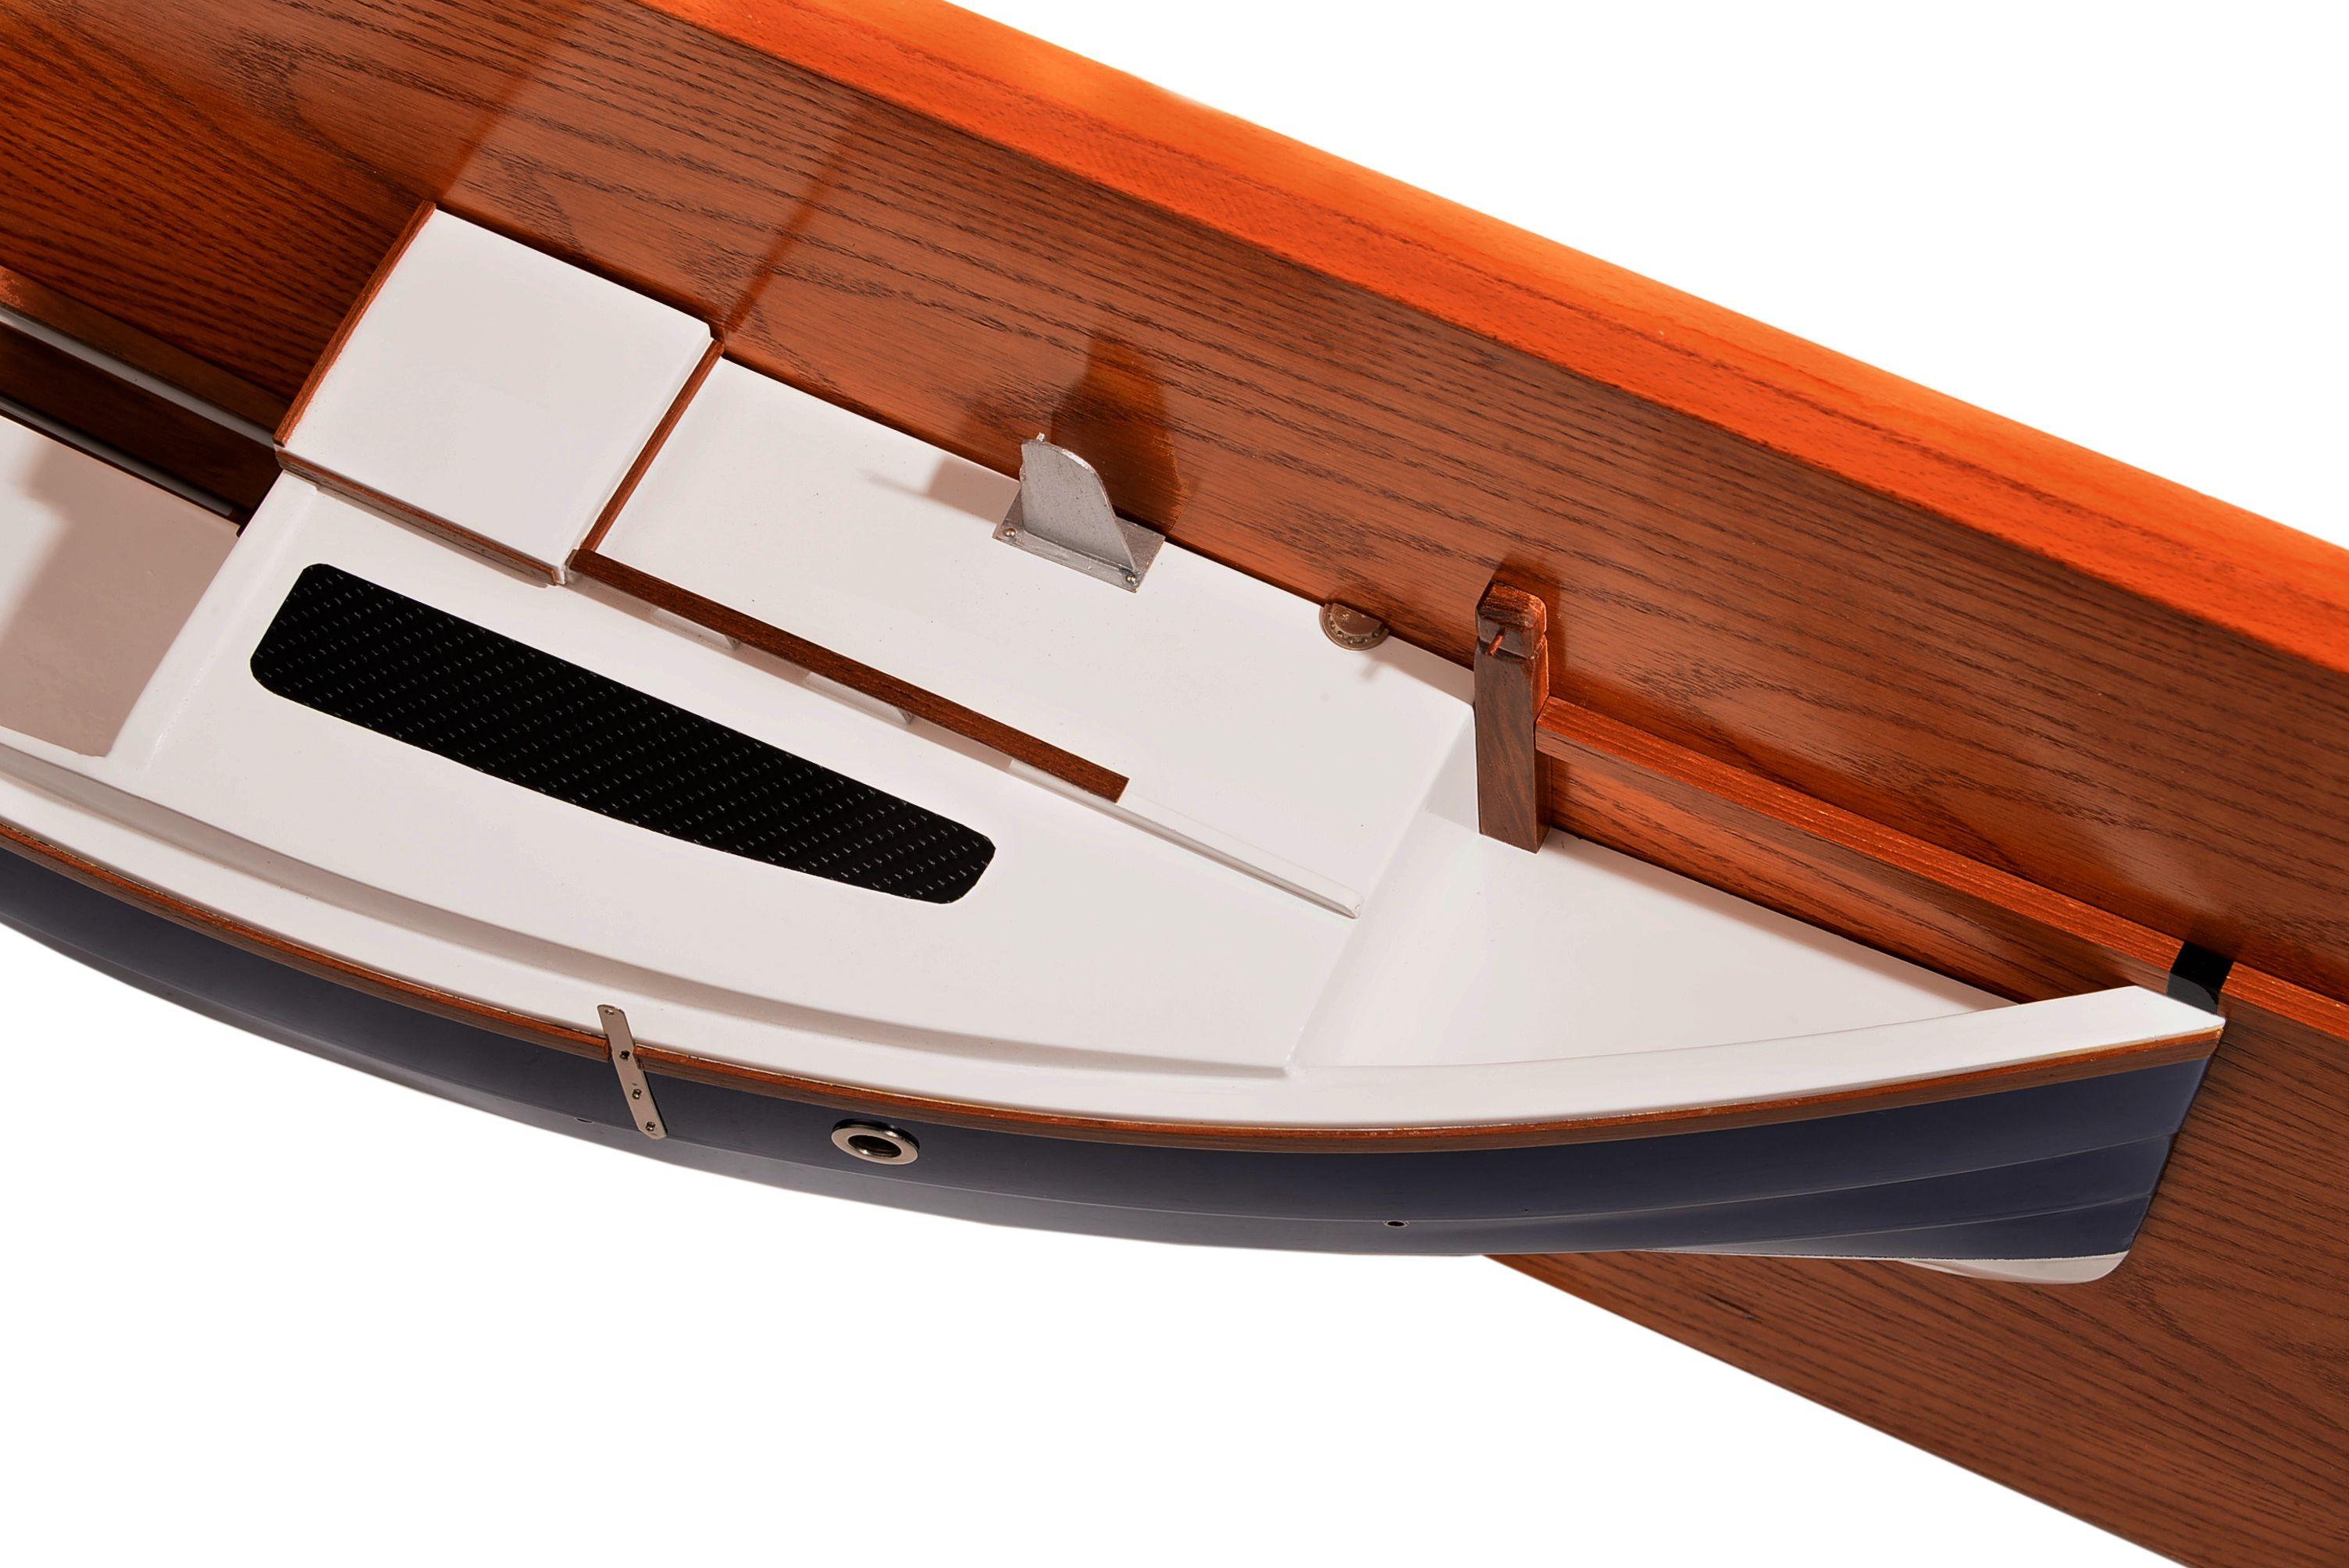 1802-10498-Cornish-Shrimper-Half-Models